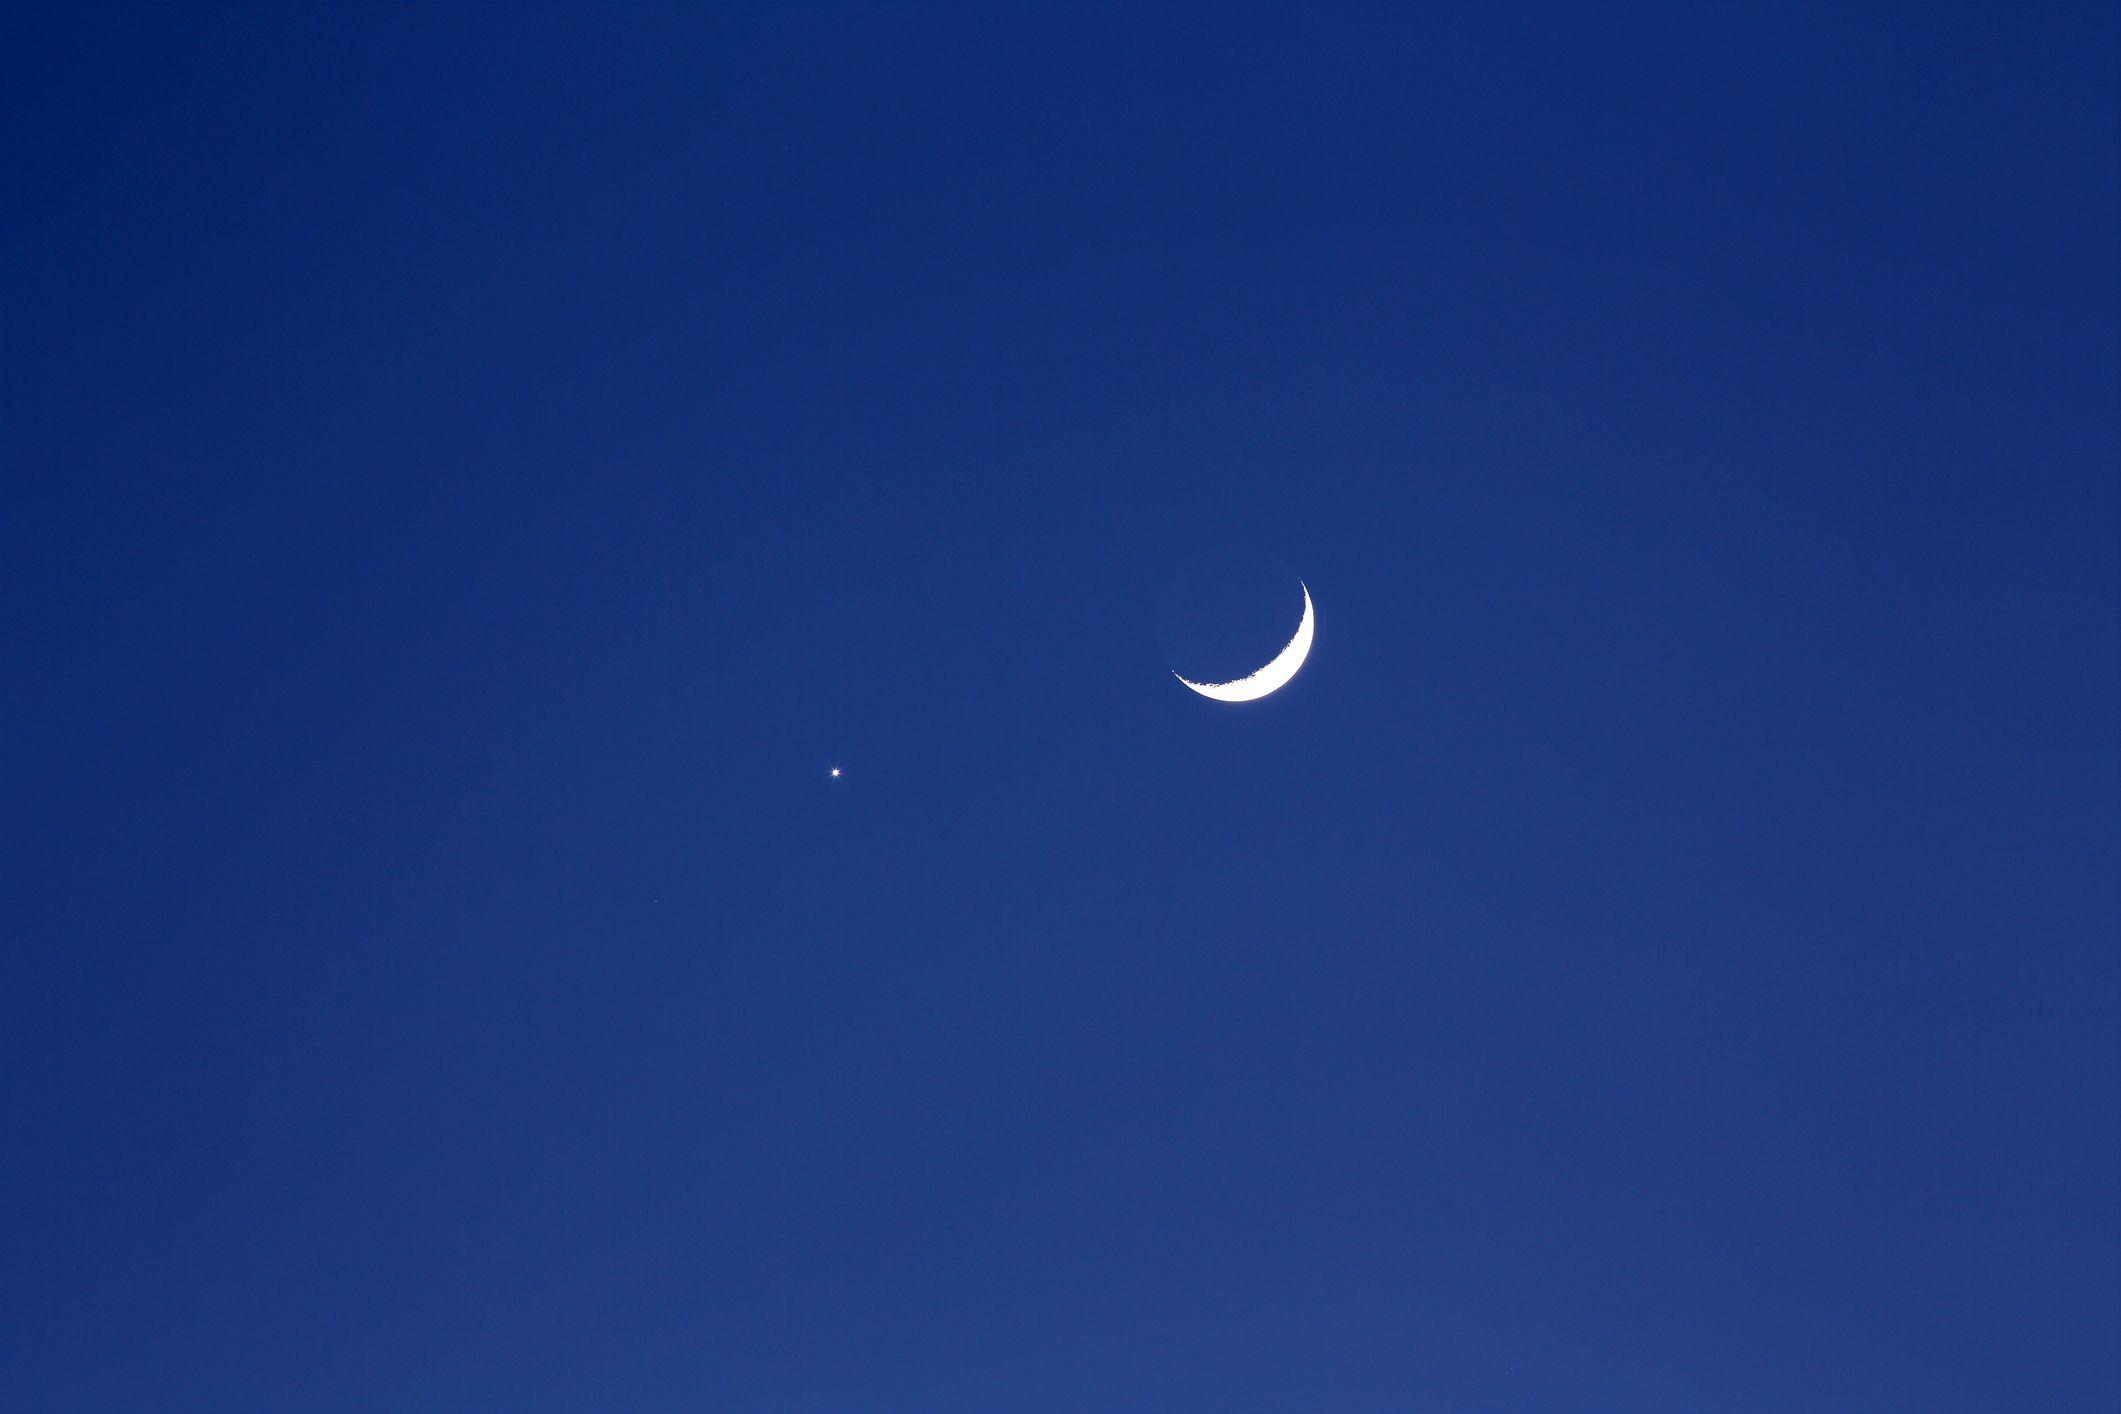 7_9_Venus Moon